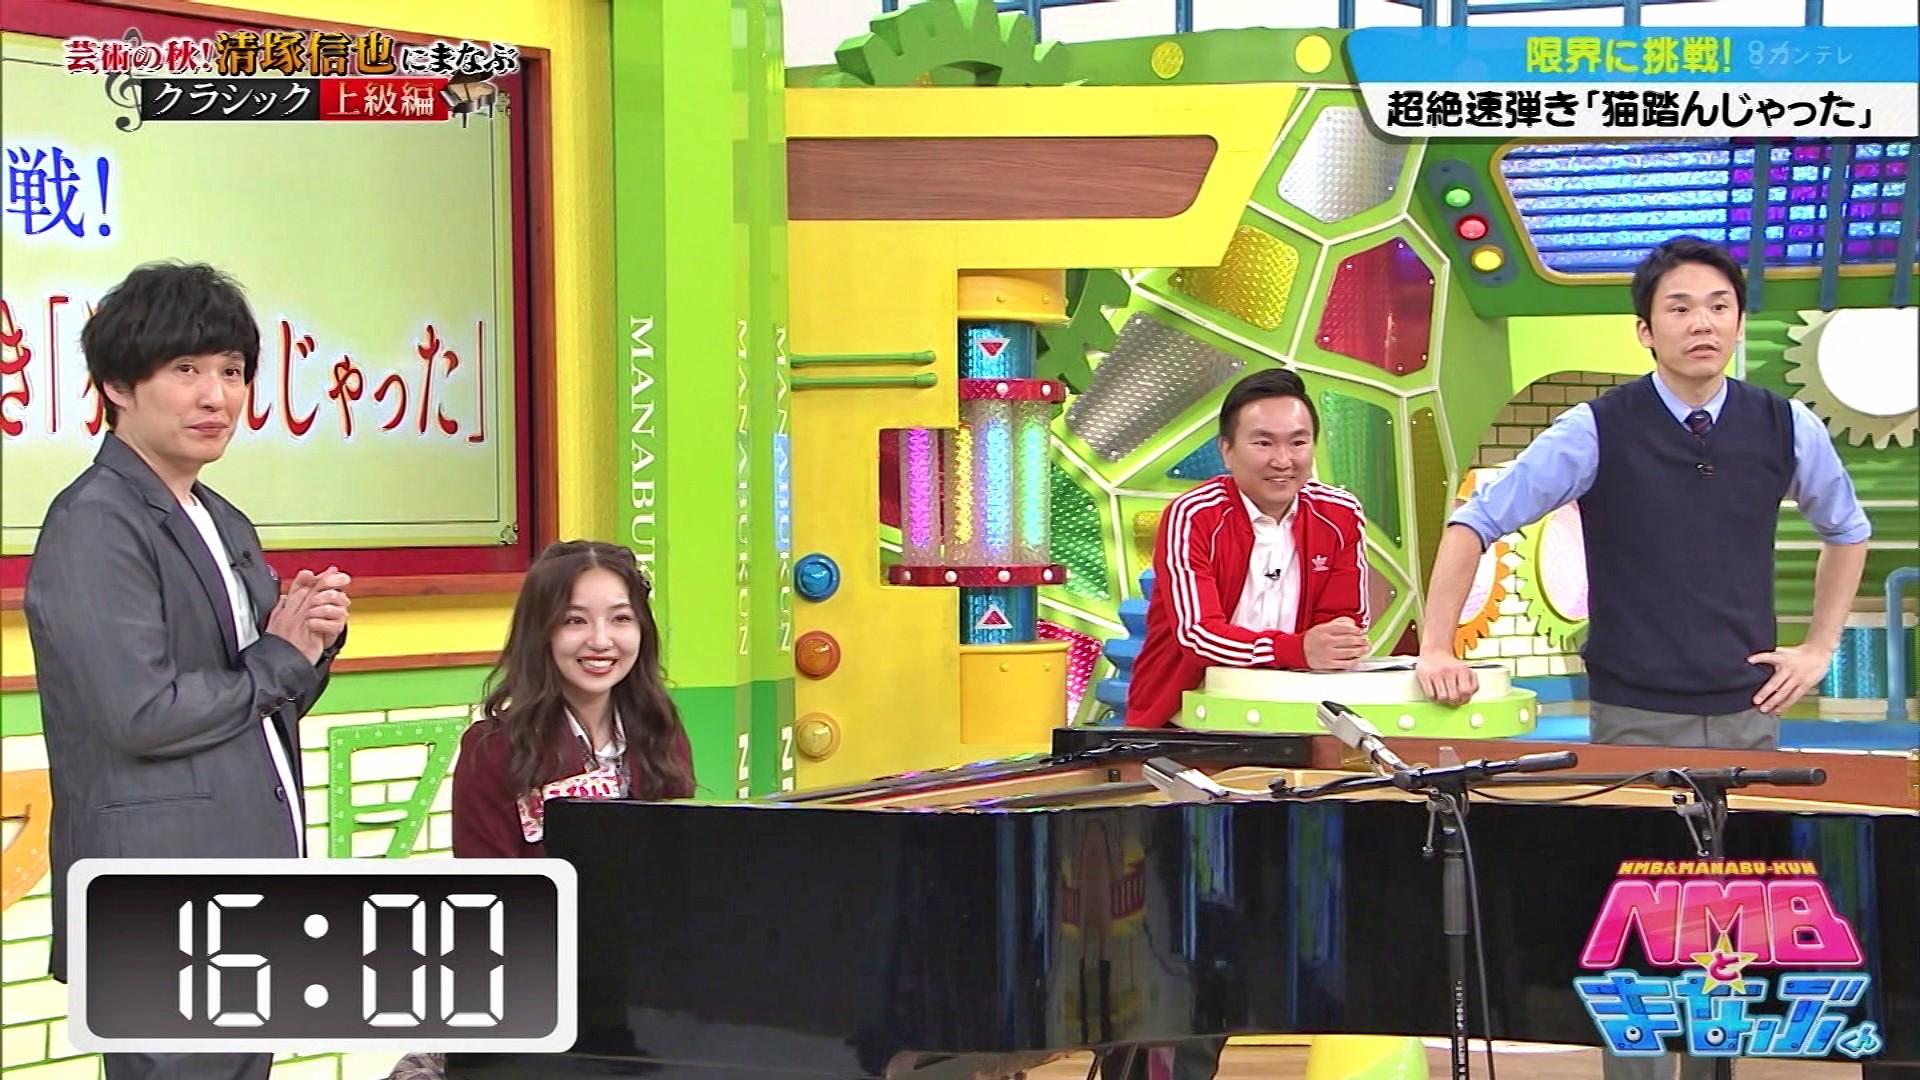 【NMB48】11月22日に放送された「NMBとまなぶくん」#335の画像。清塚信也さんのクラシック講座2週目